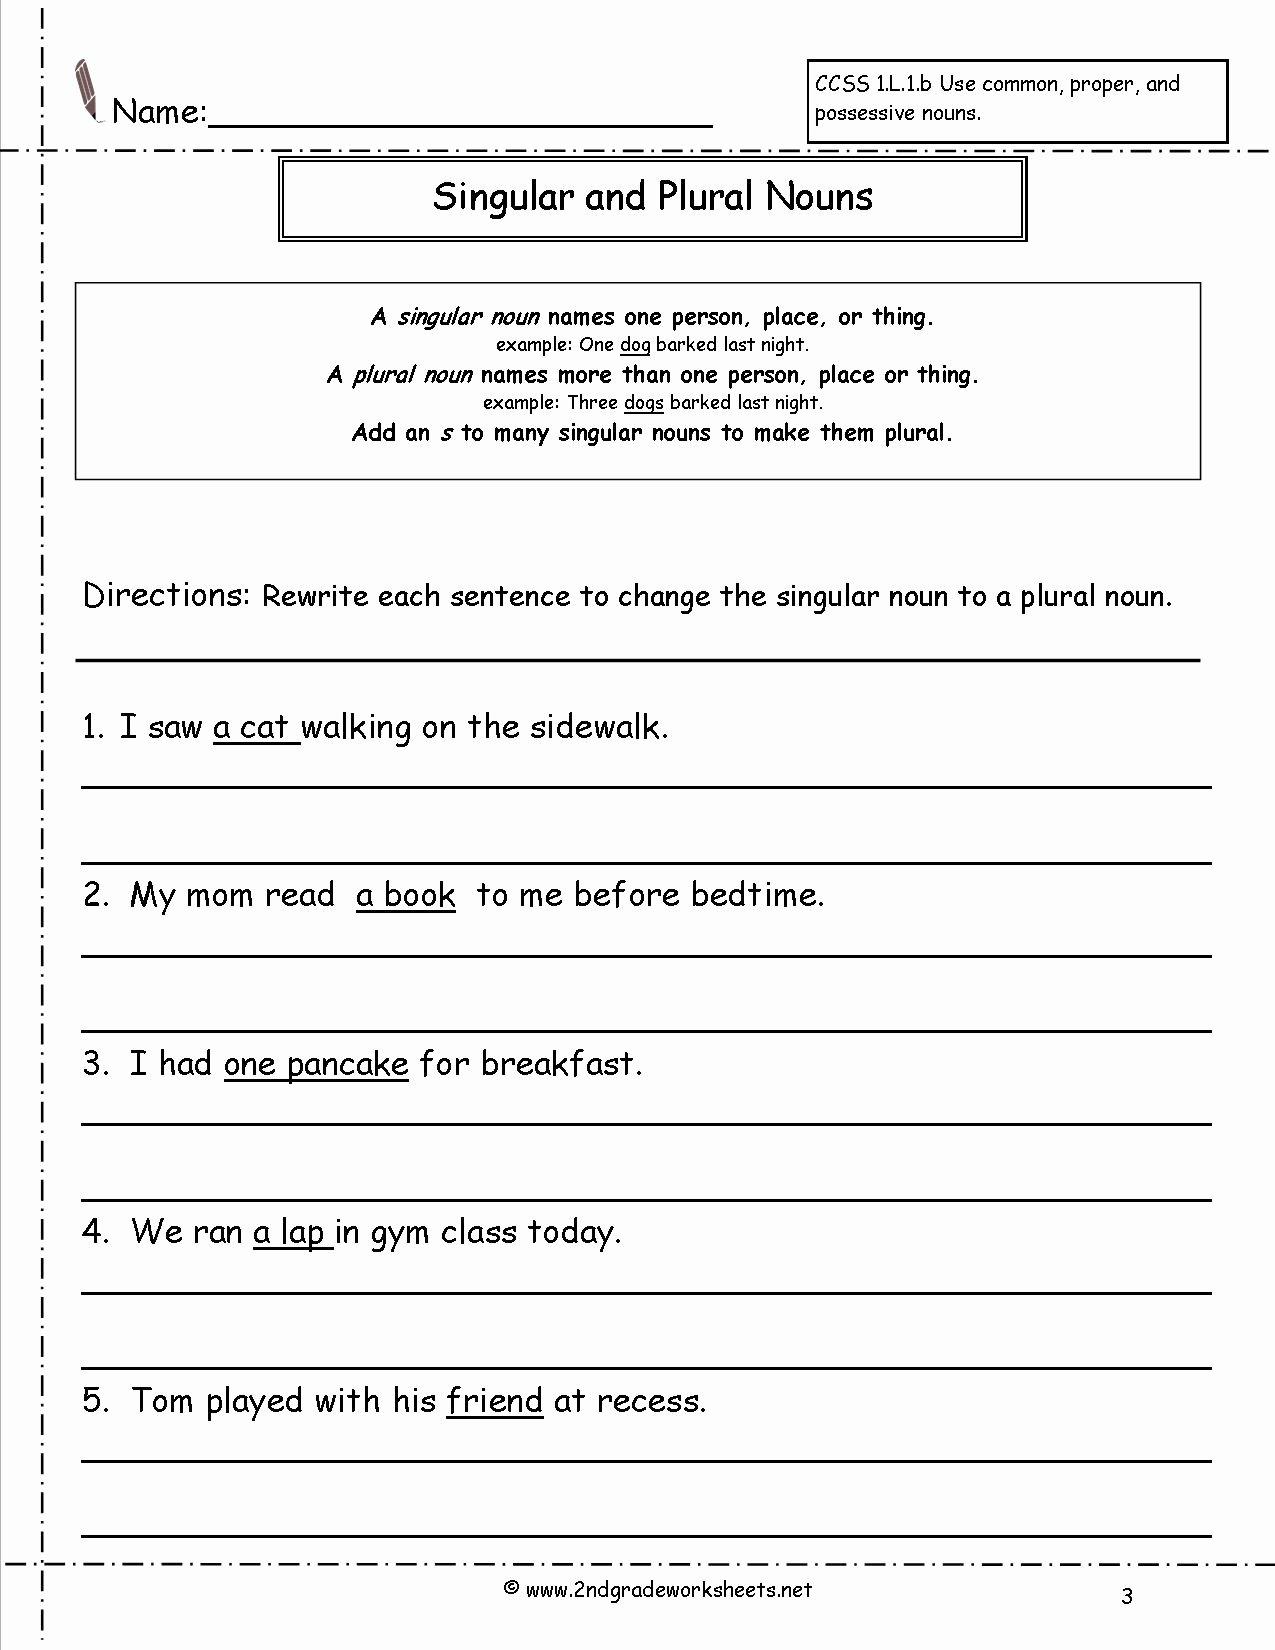 Singular and Plural Nouns Worksheet Lovely Singular and Plural Nouns Worksheets